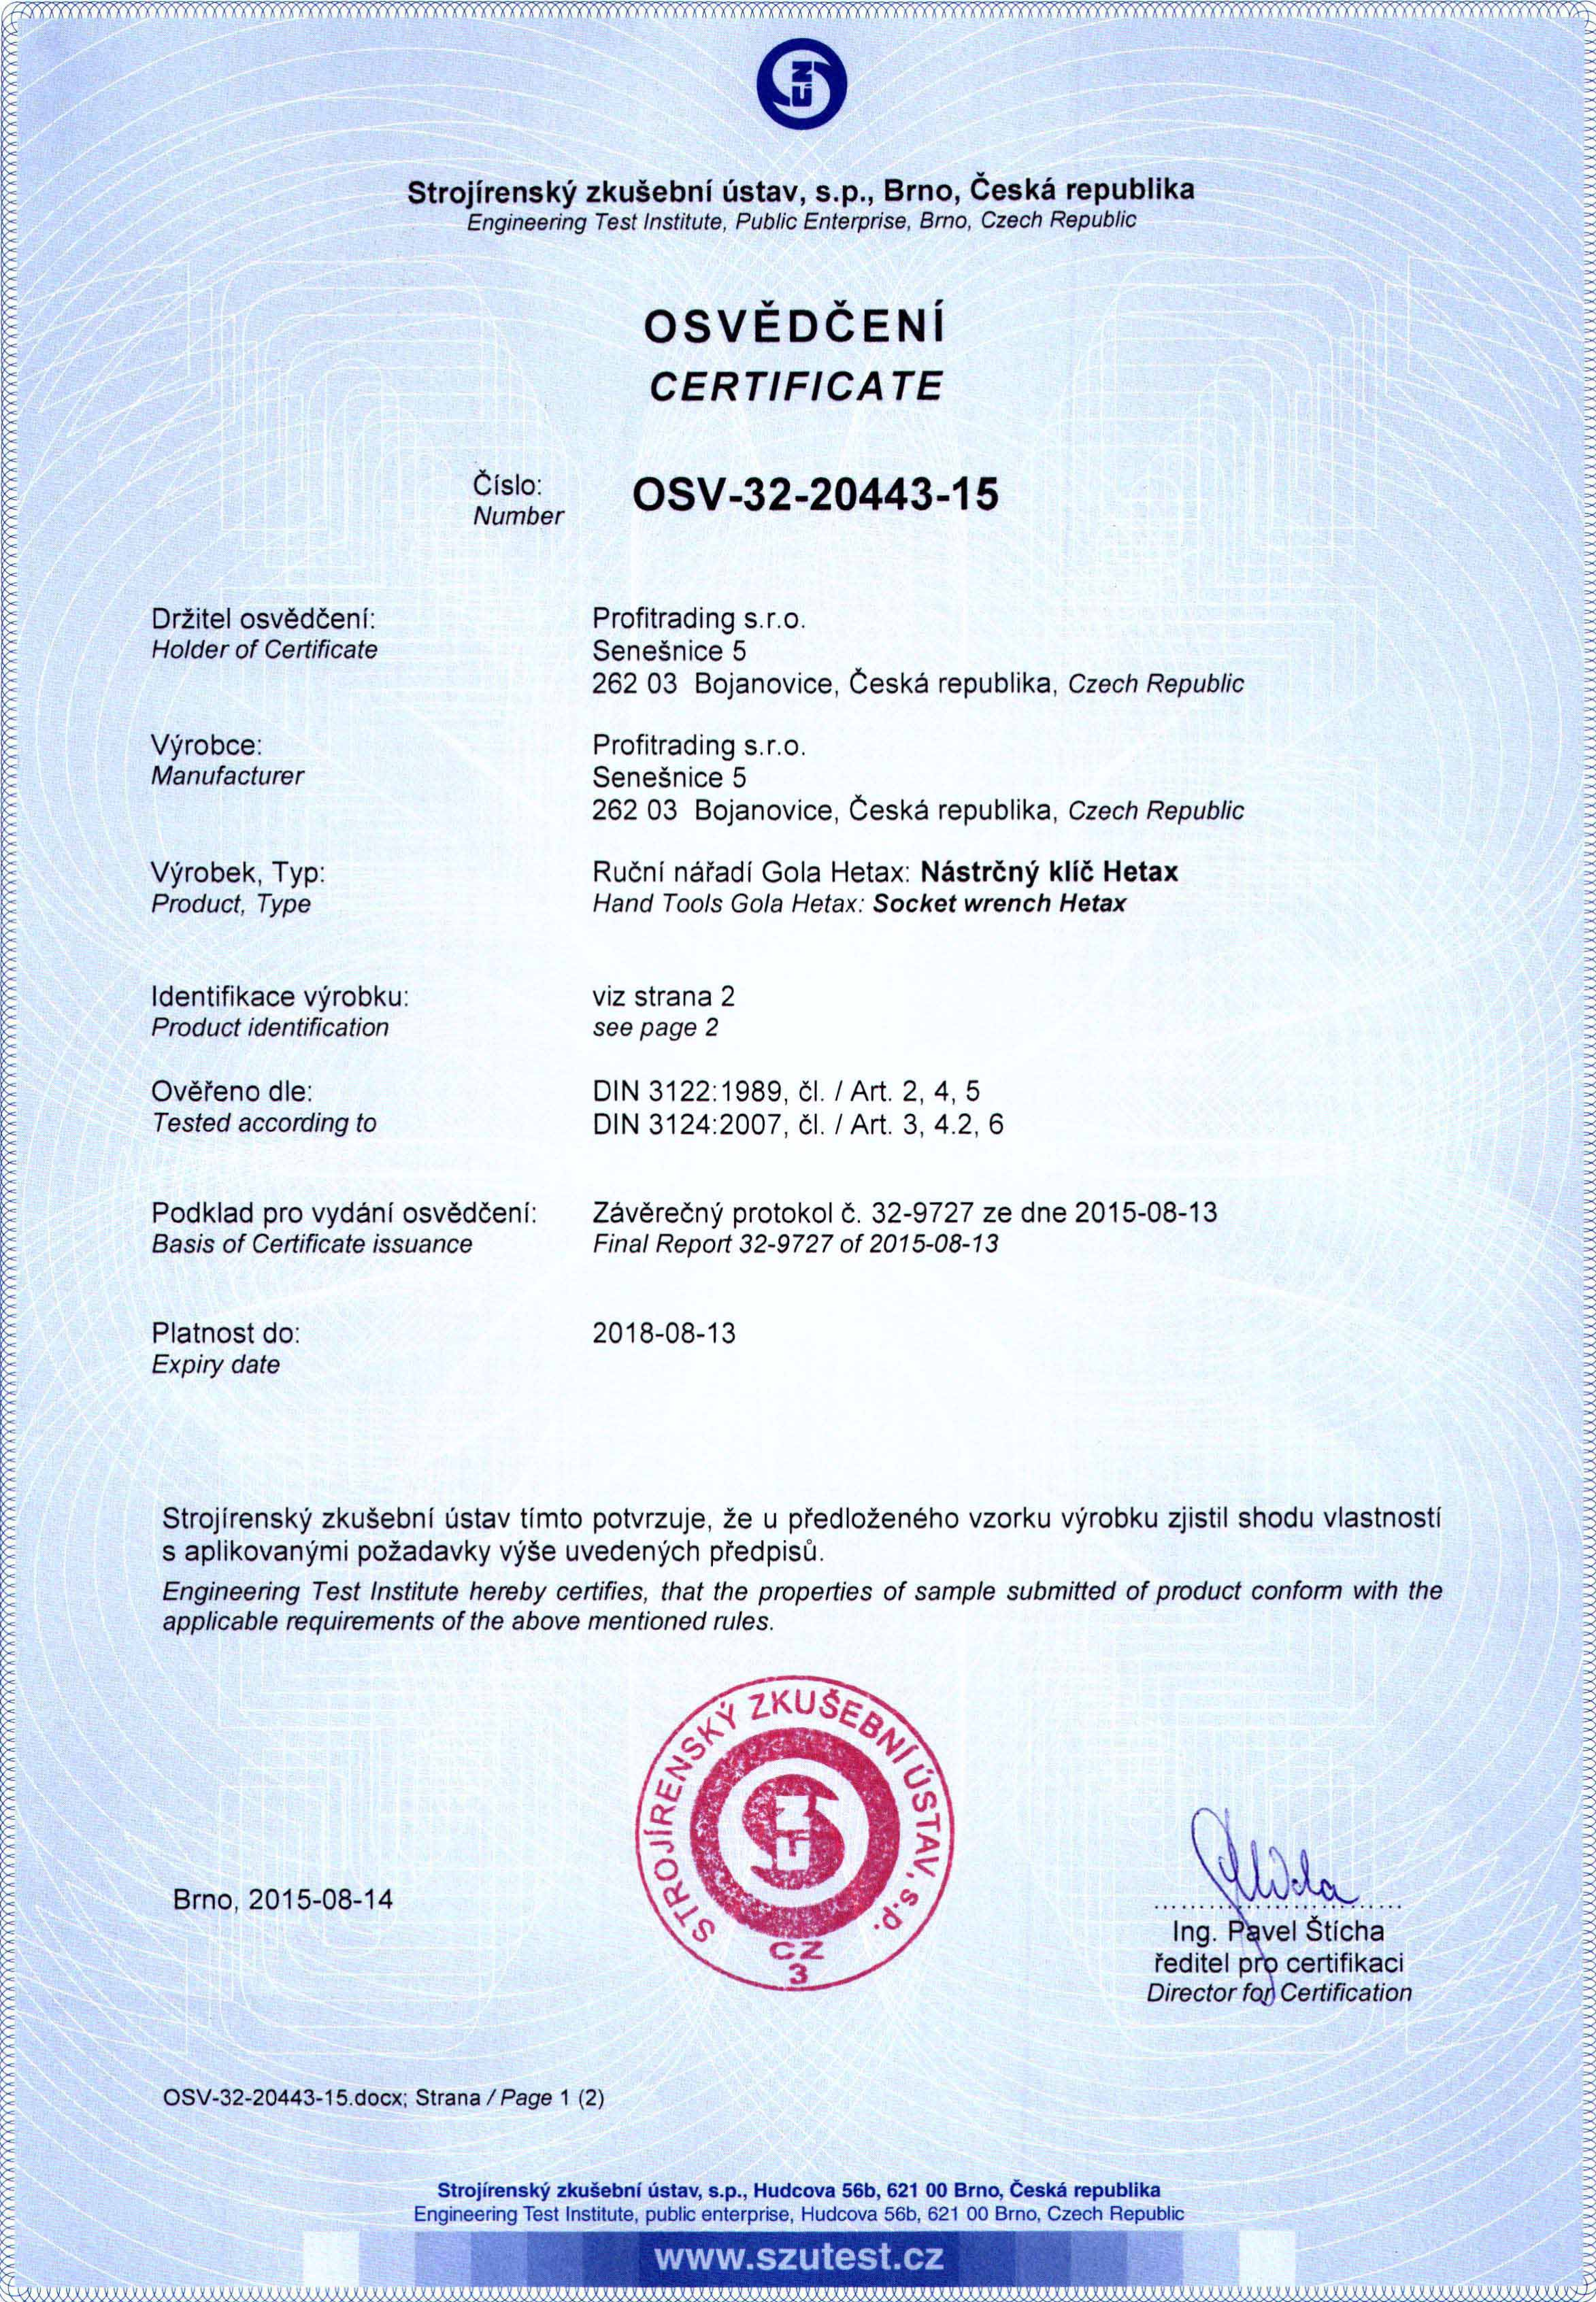 SZU_Protokol_Osvedceni OSV_32_20443_15.j